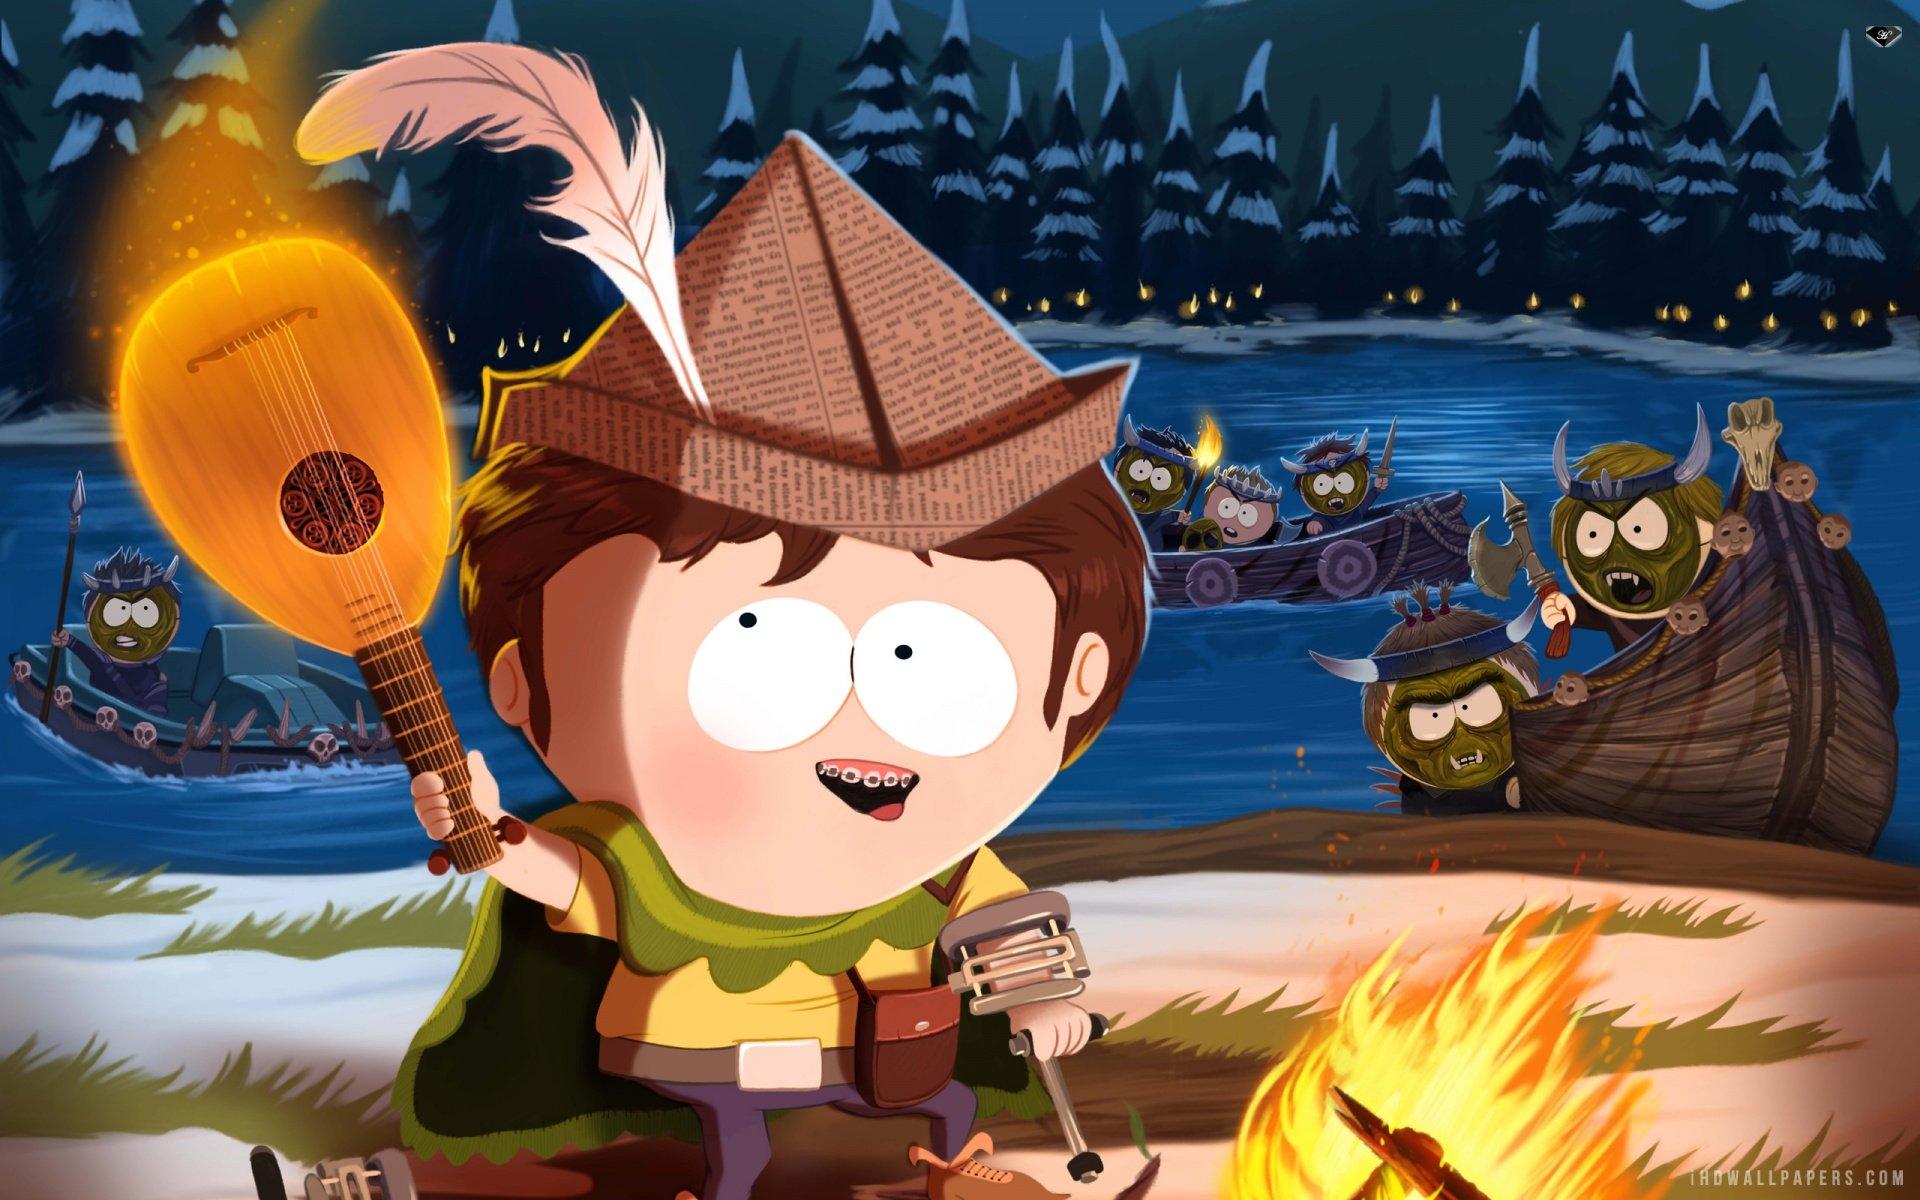 Подарочные промо-коды на скидку 20% для South Park: The Stick of Truth Узнать подробности можно тут.  - Изображение 1